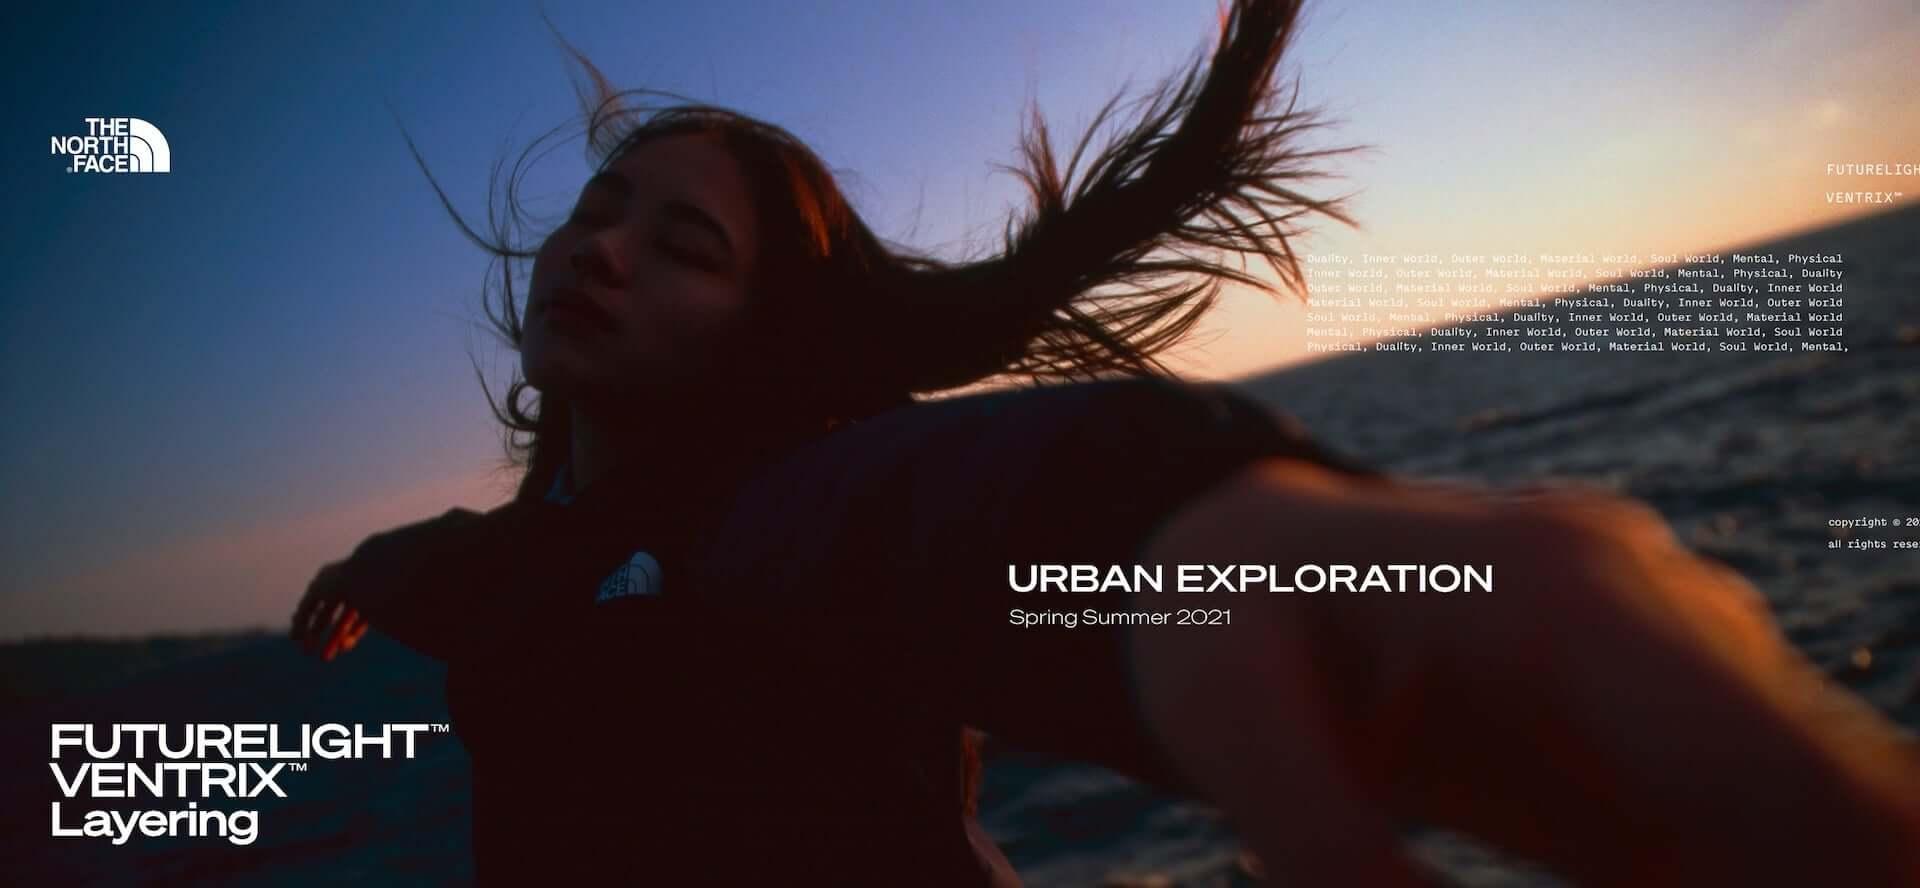 THE NORTH FACEの「Urban Exploration」から防水コーチジャケットなどの新作が続々登場!特別映像も公開 lf210201_tnf_7-1920x888